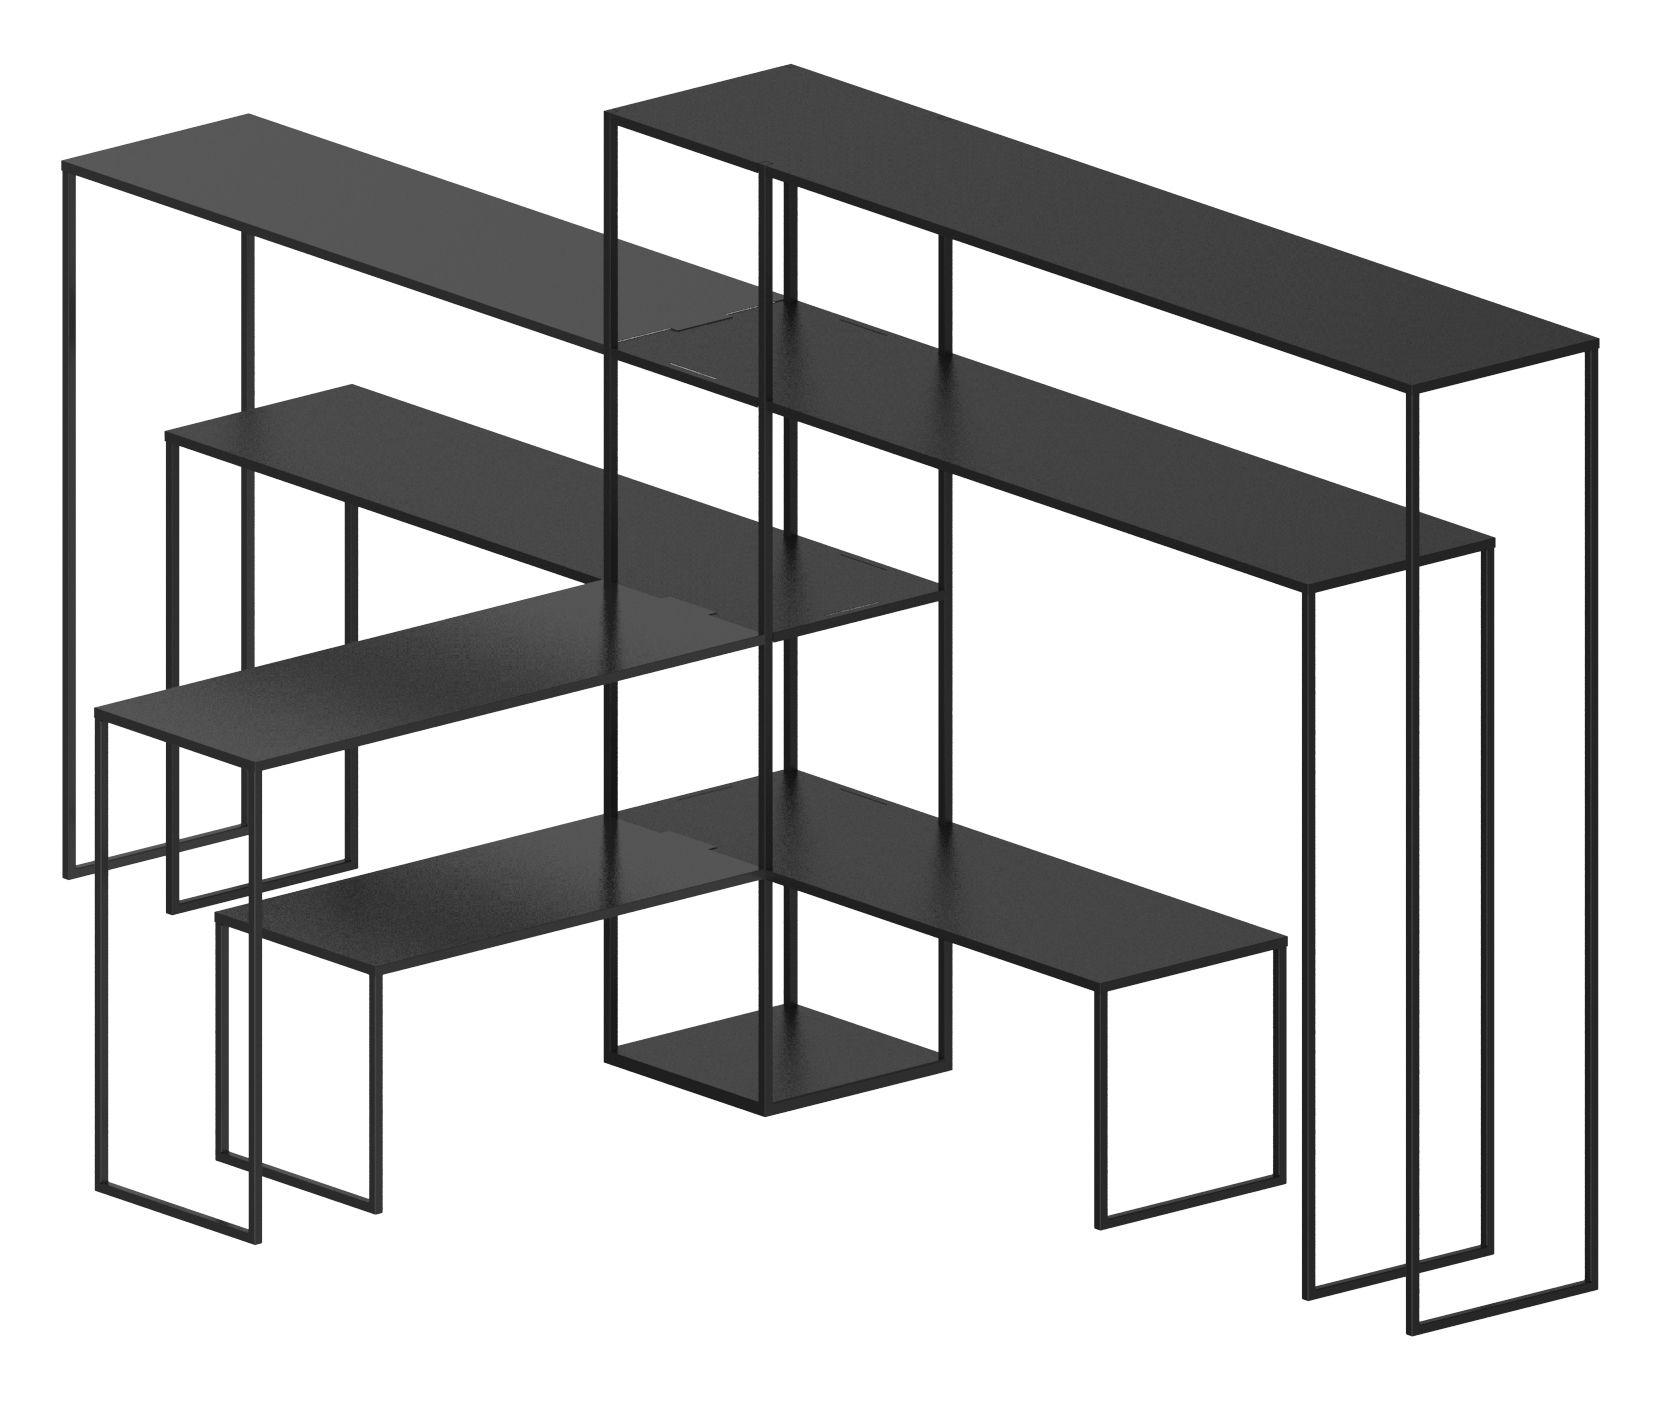 Möbel - Regale und Bücherregale - Easy Bridge Regal / 7 modulare Ablagen  - H 141 cm - Zeus - Schwarzbraun - bemalter Stahl